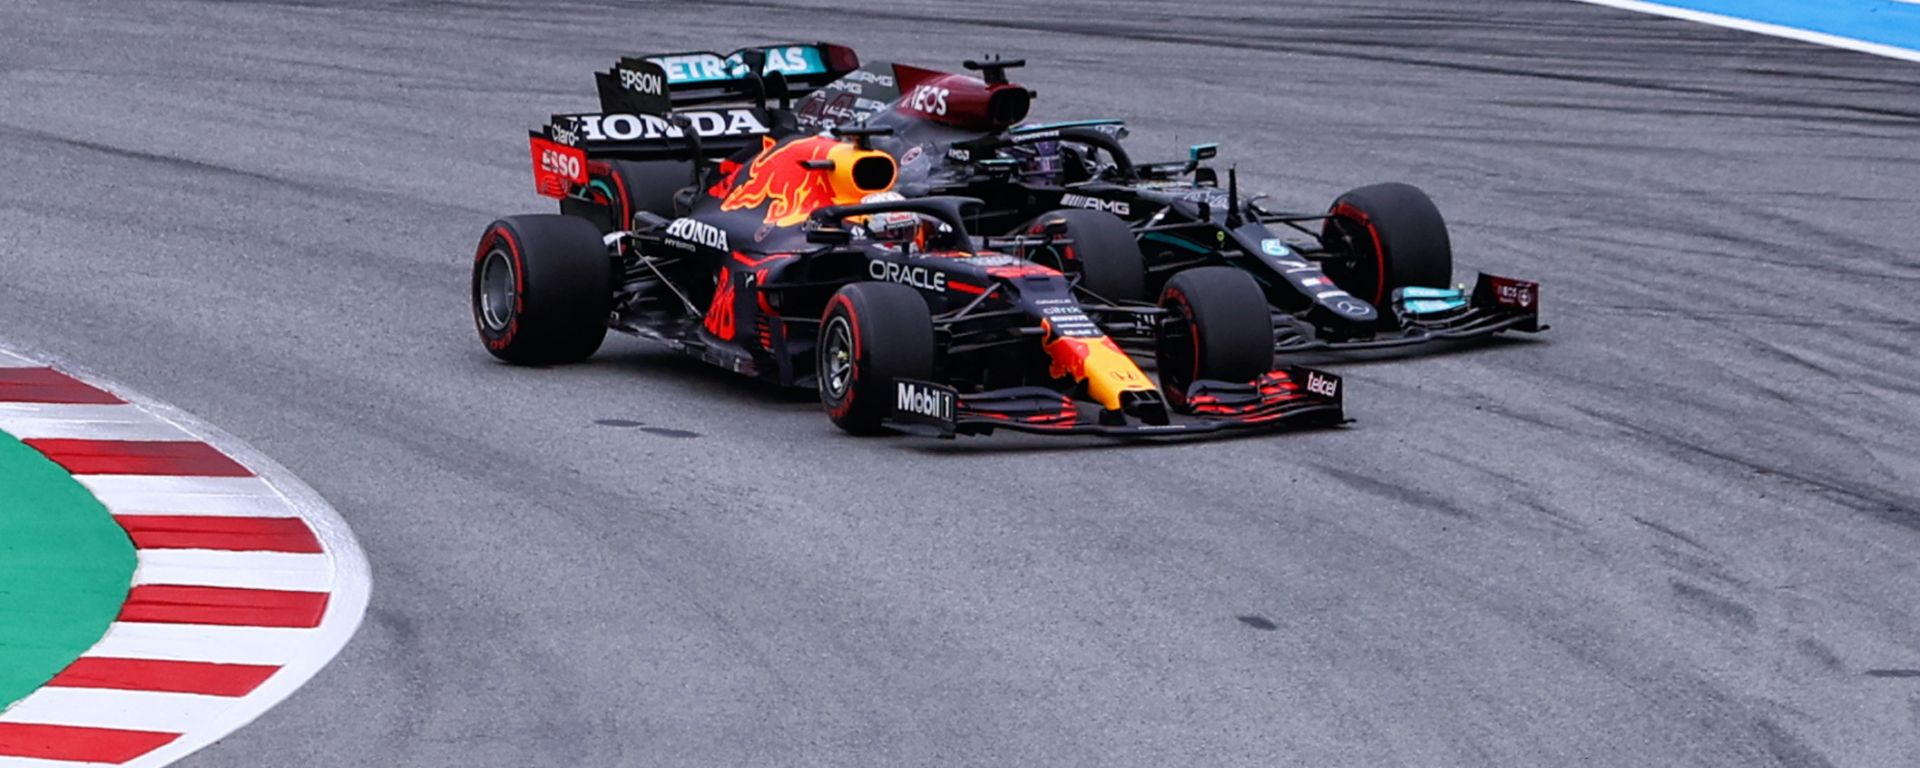 F1 GP Spagna 2021, Barcellona: il sorpasso di Verstappen (Red Bull) a Hamilton (Mercedes) al via